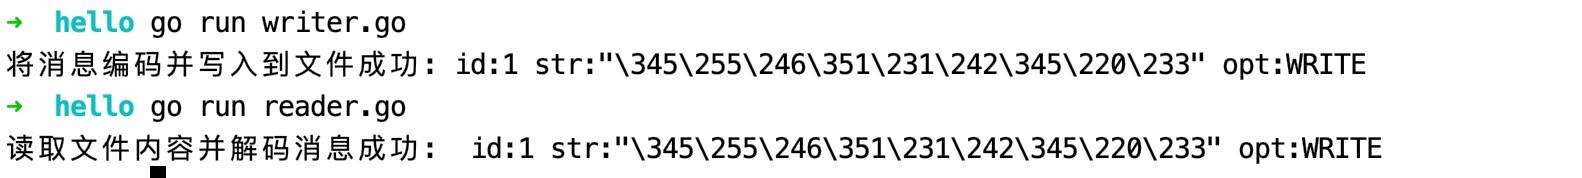 基于 Protobuf 进行编解码的演示代码示例